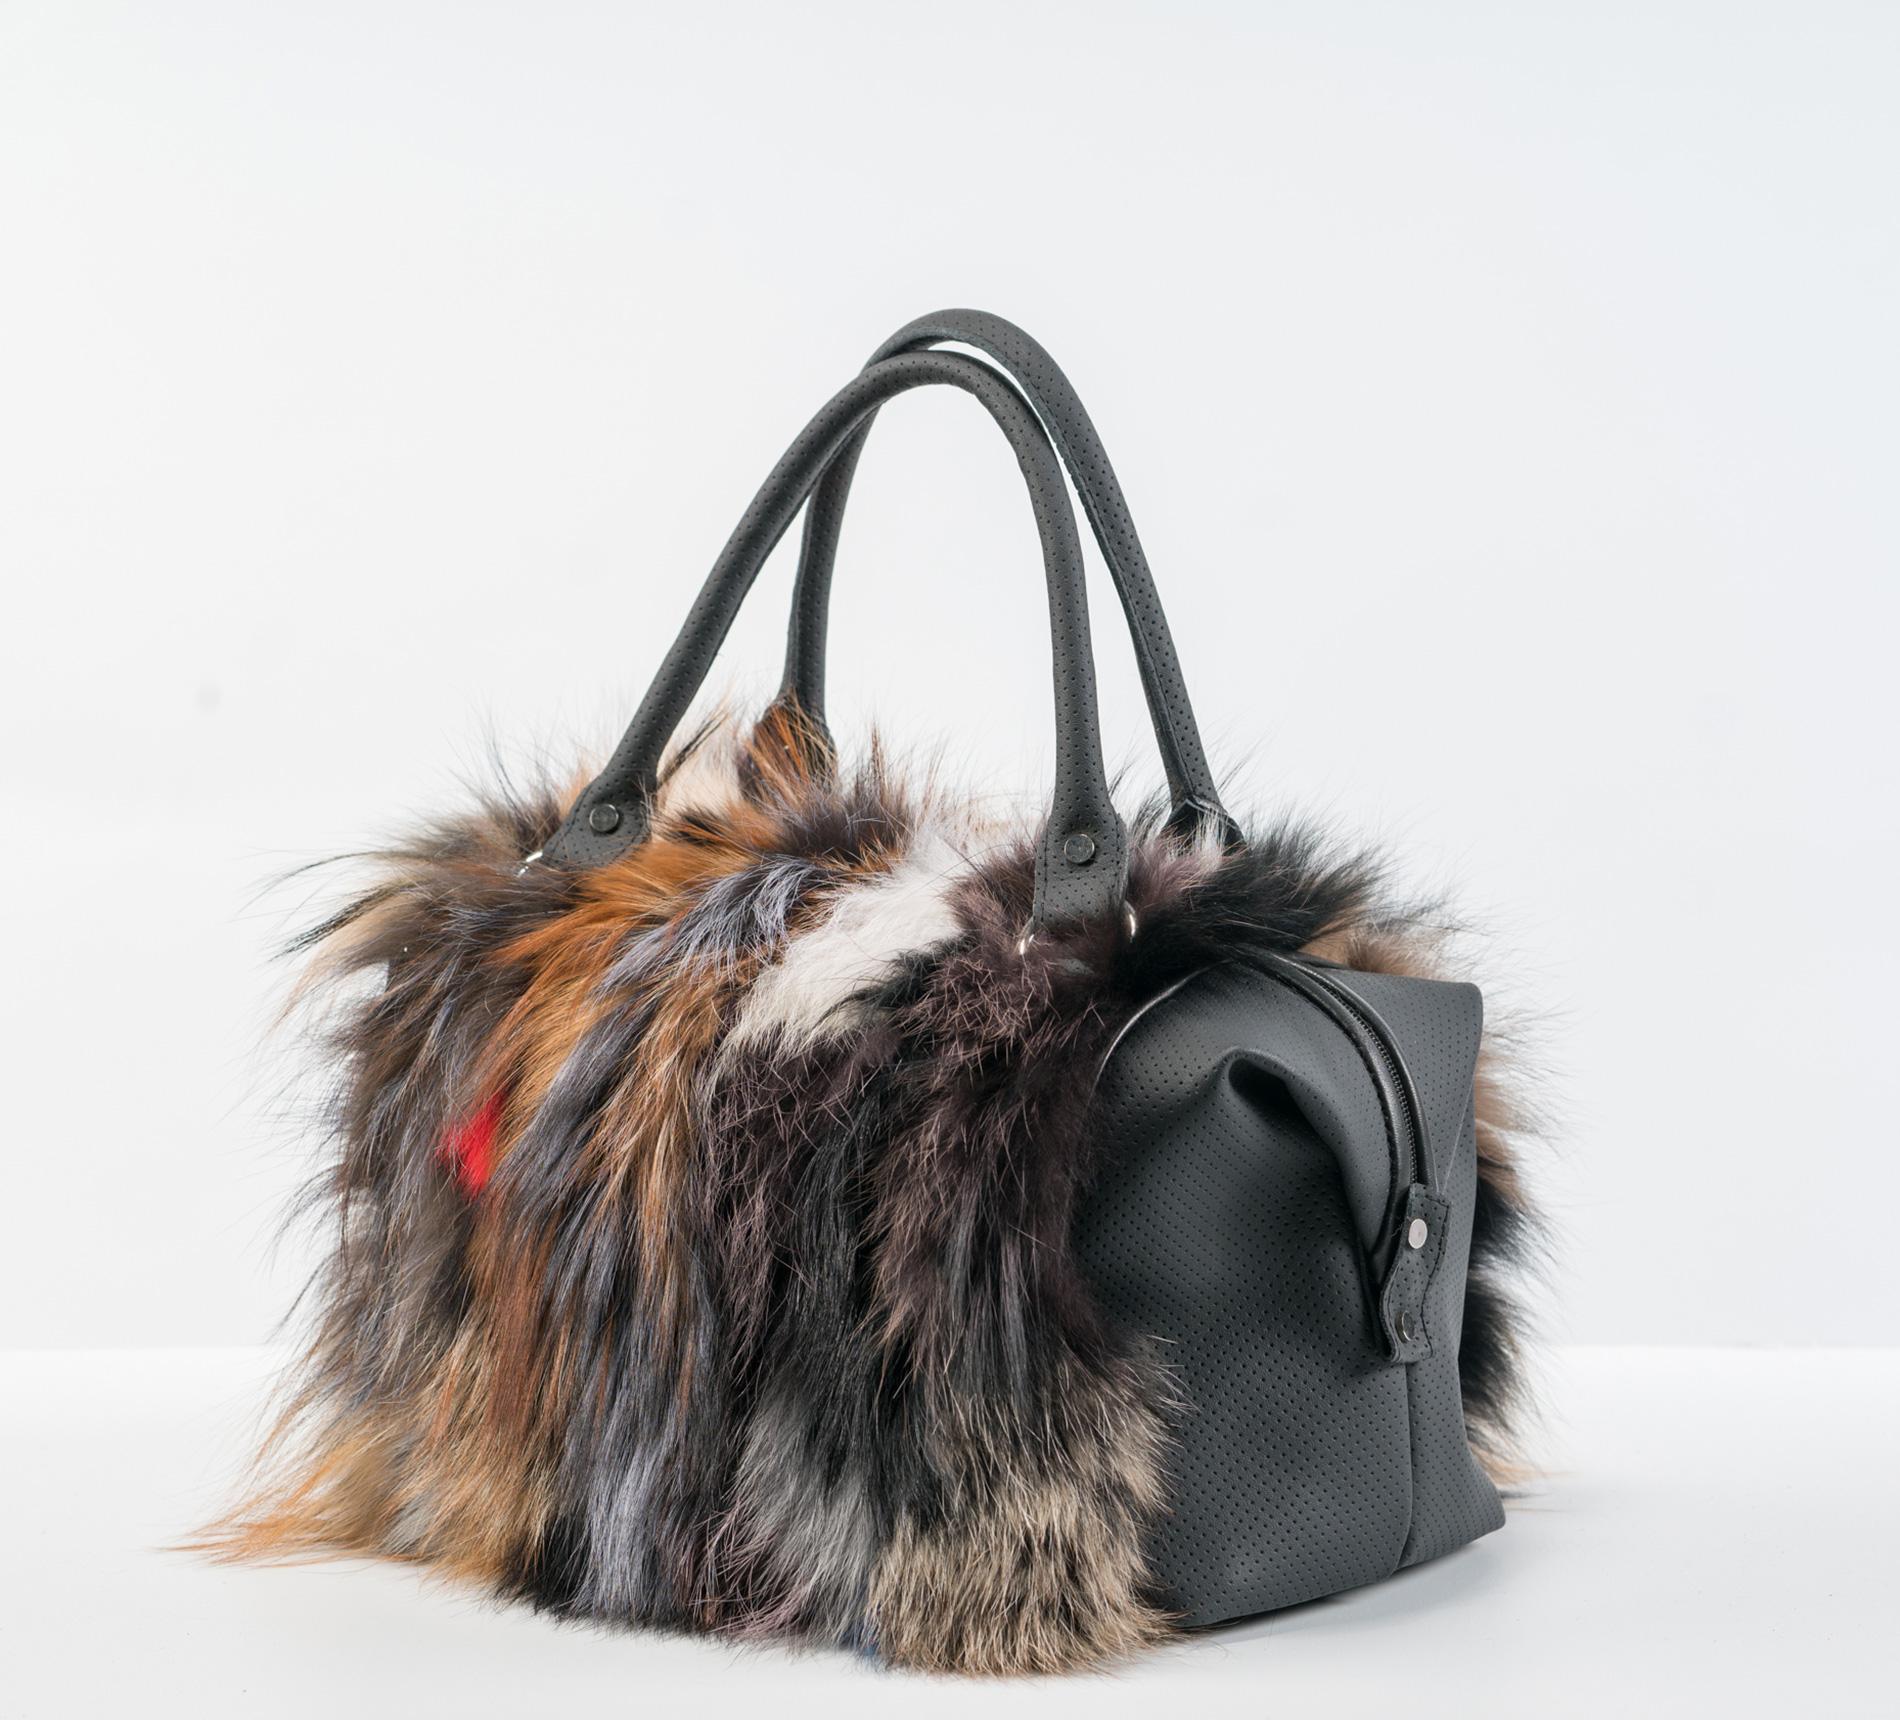 98c01ce9b275a Multicolor Fox Fur Handbag - 100% Real Fur Coats - Haute Acorn